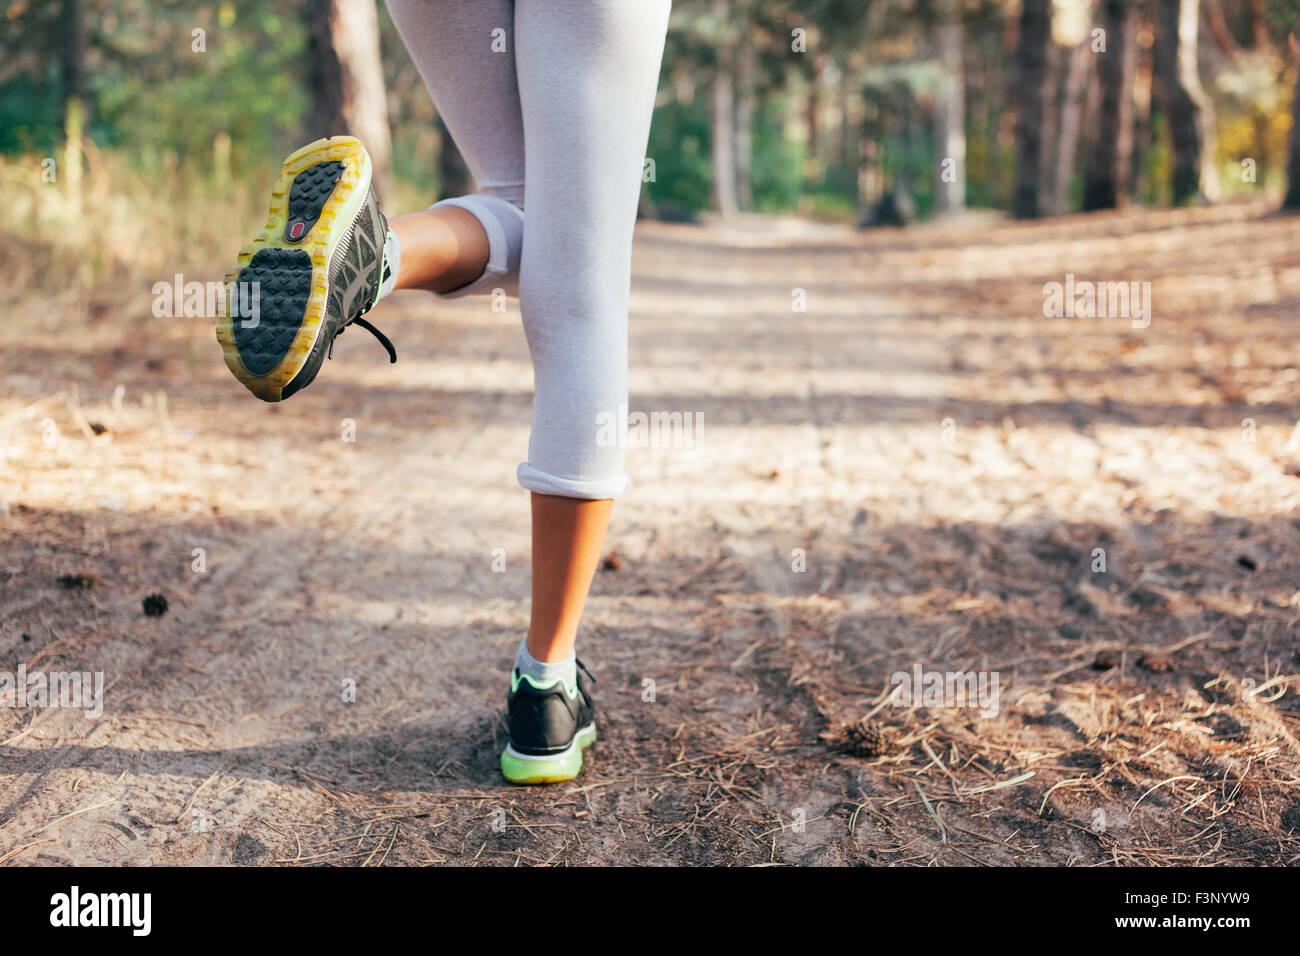 Pieds d'exécution sur Road Runner close-up sur Chaussure femme au lever du soleil remise en forme. Photo Stock